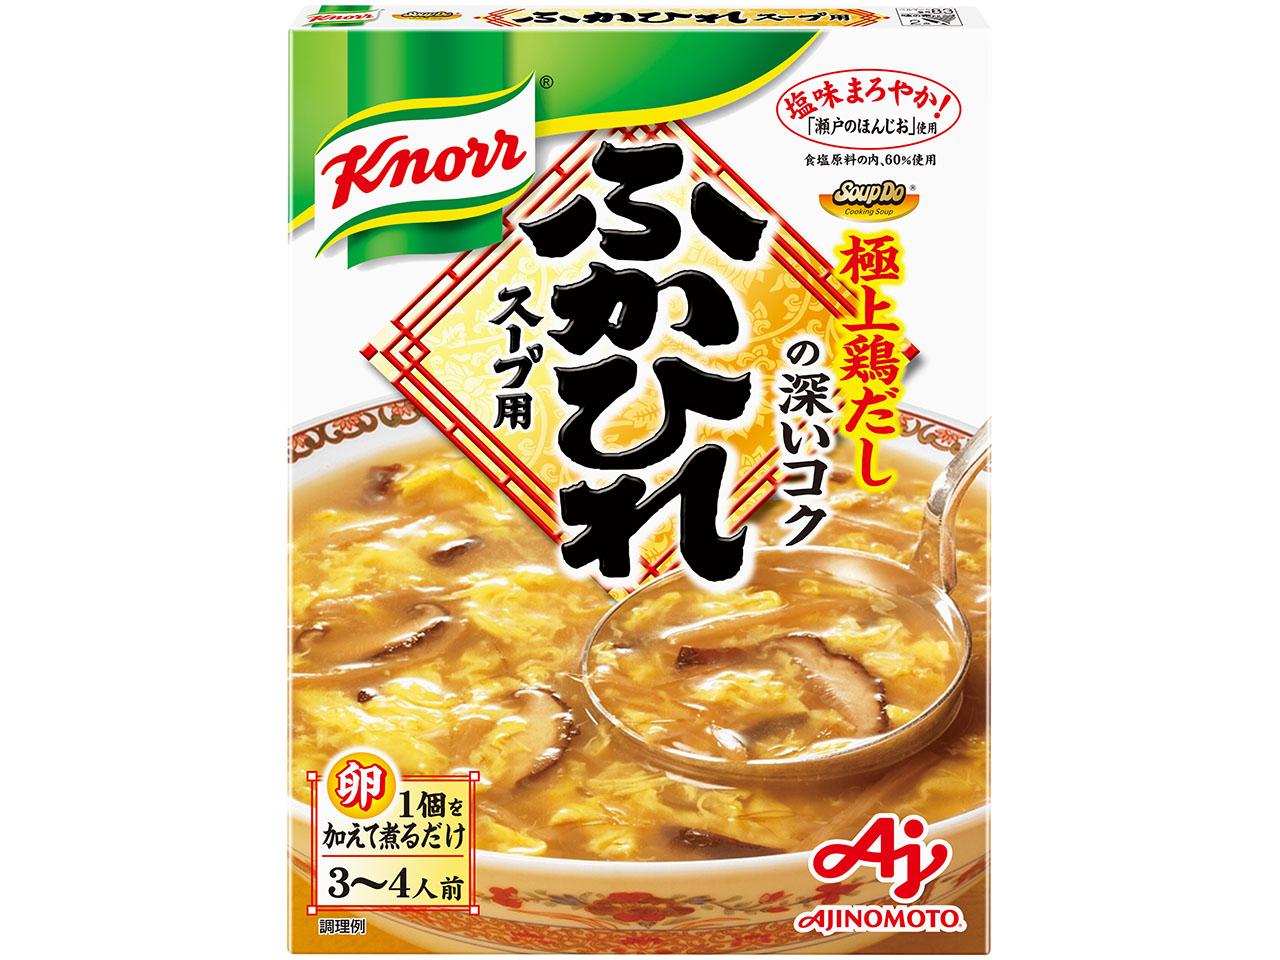 「クノール Soup Do」ふかひれスープ用